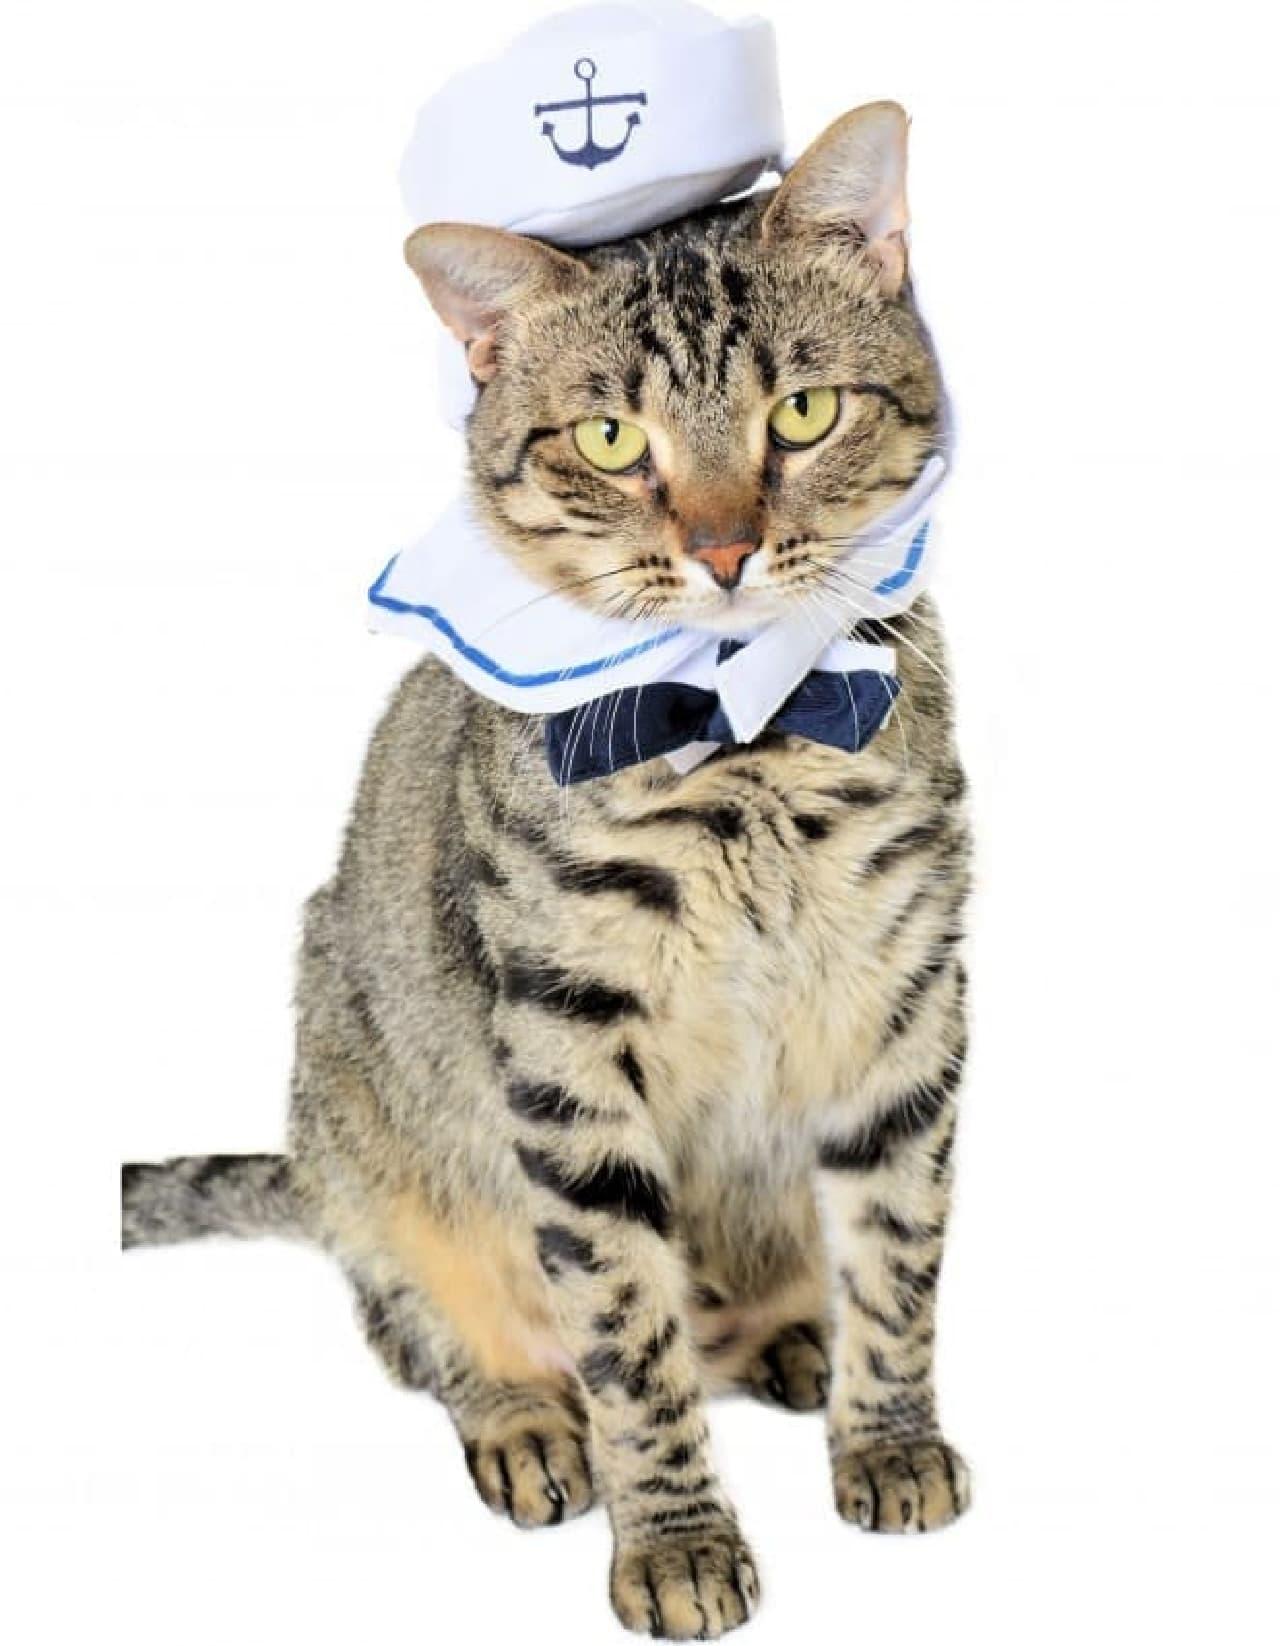 ハロウィンは、ペットと一緒に楽しみたい ― ペット用コスチューム、あれこれ